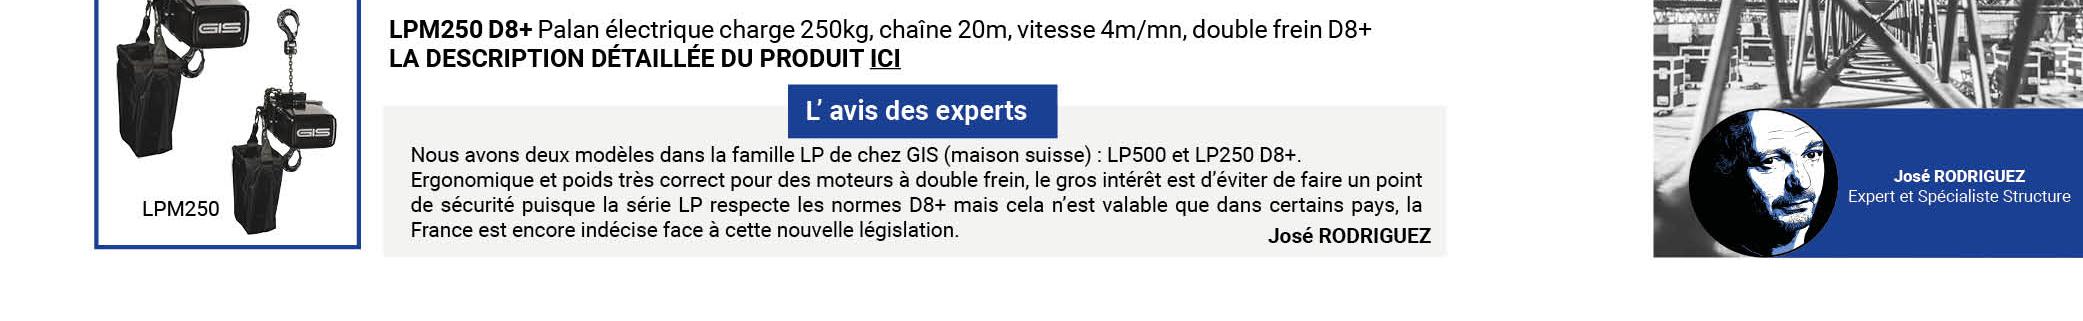 GIS LP250